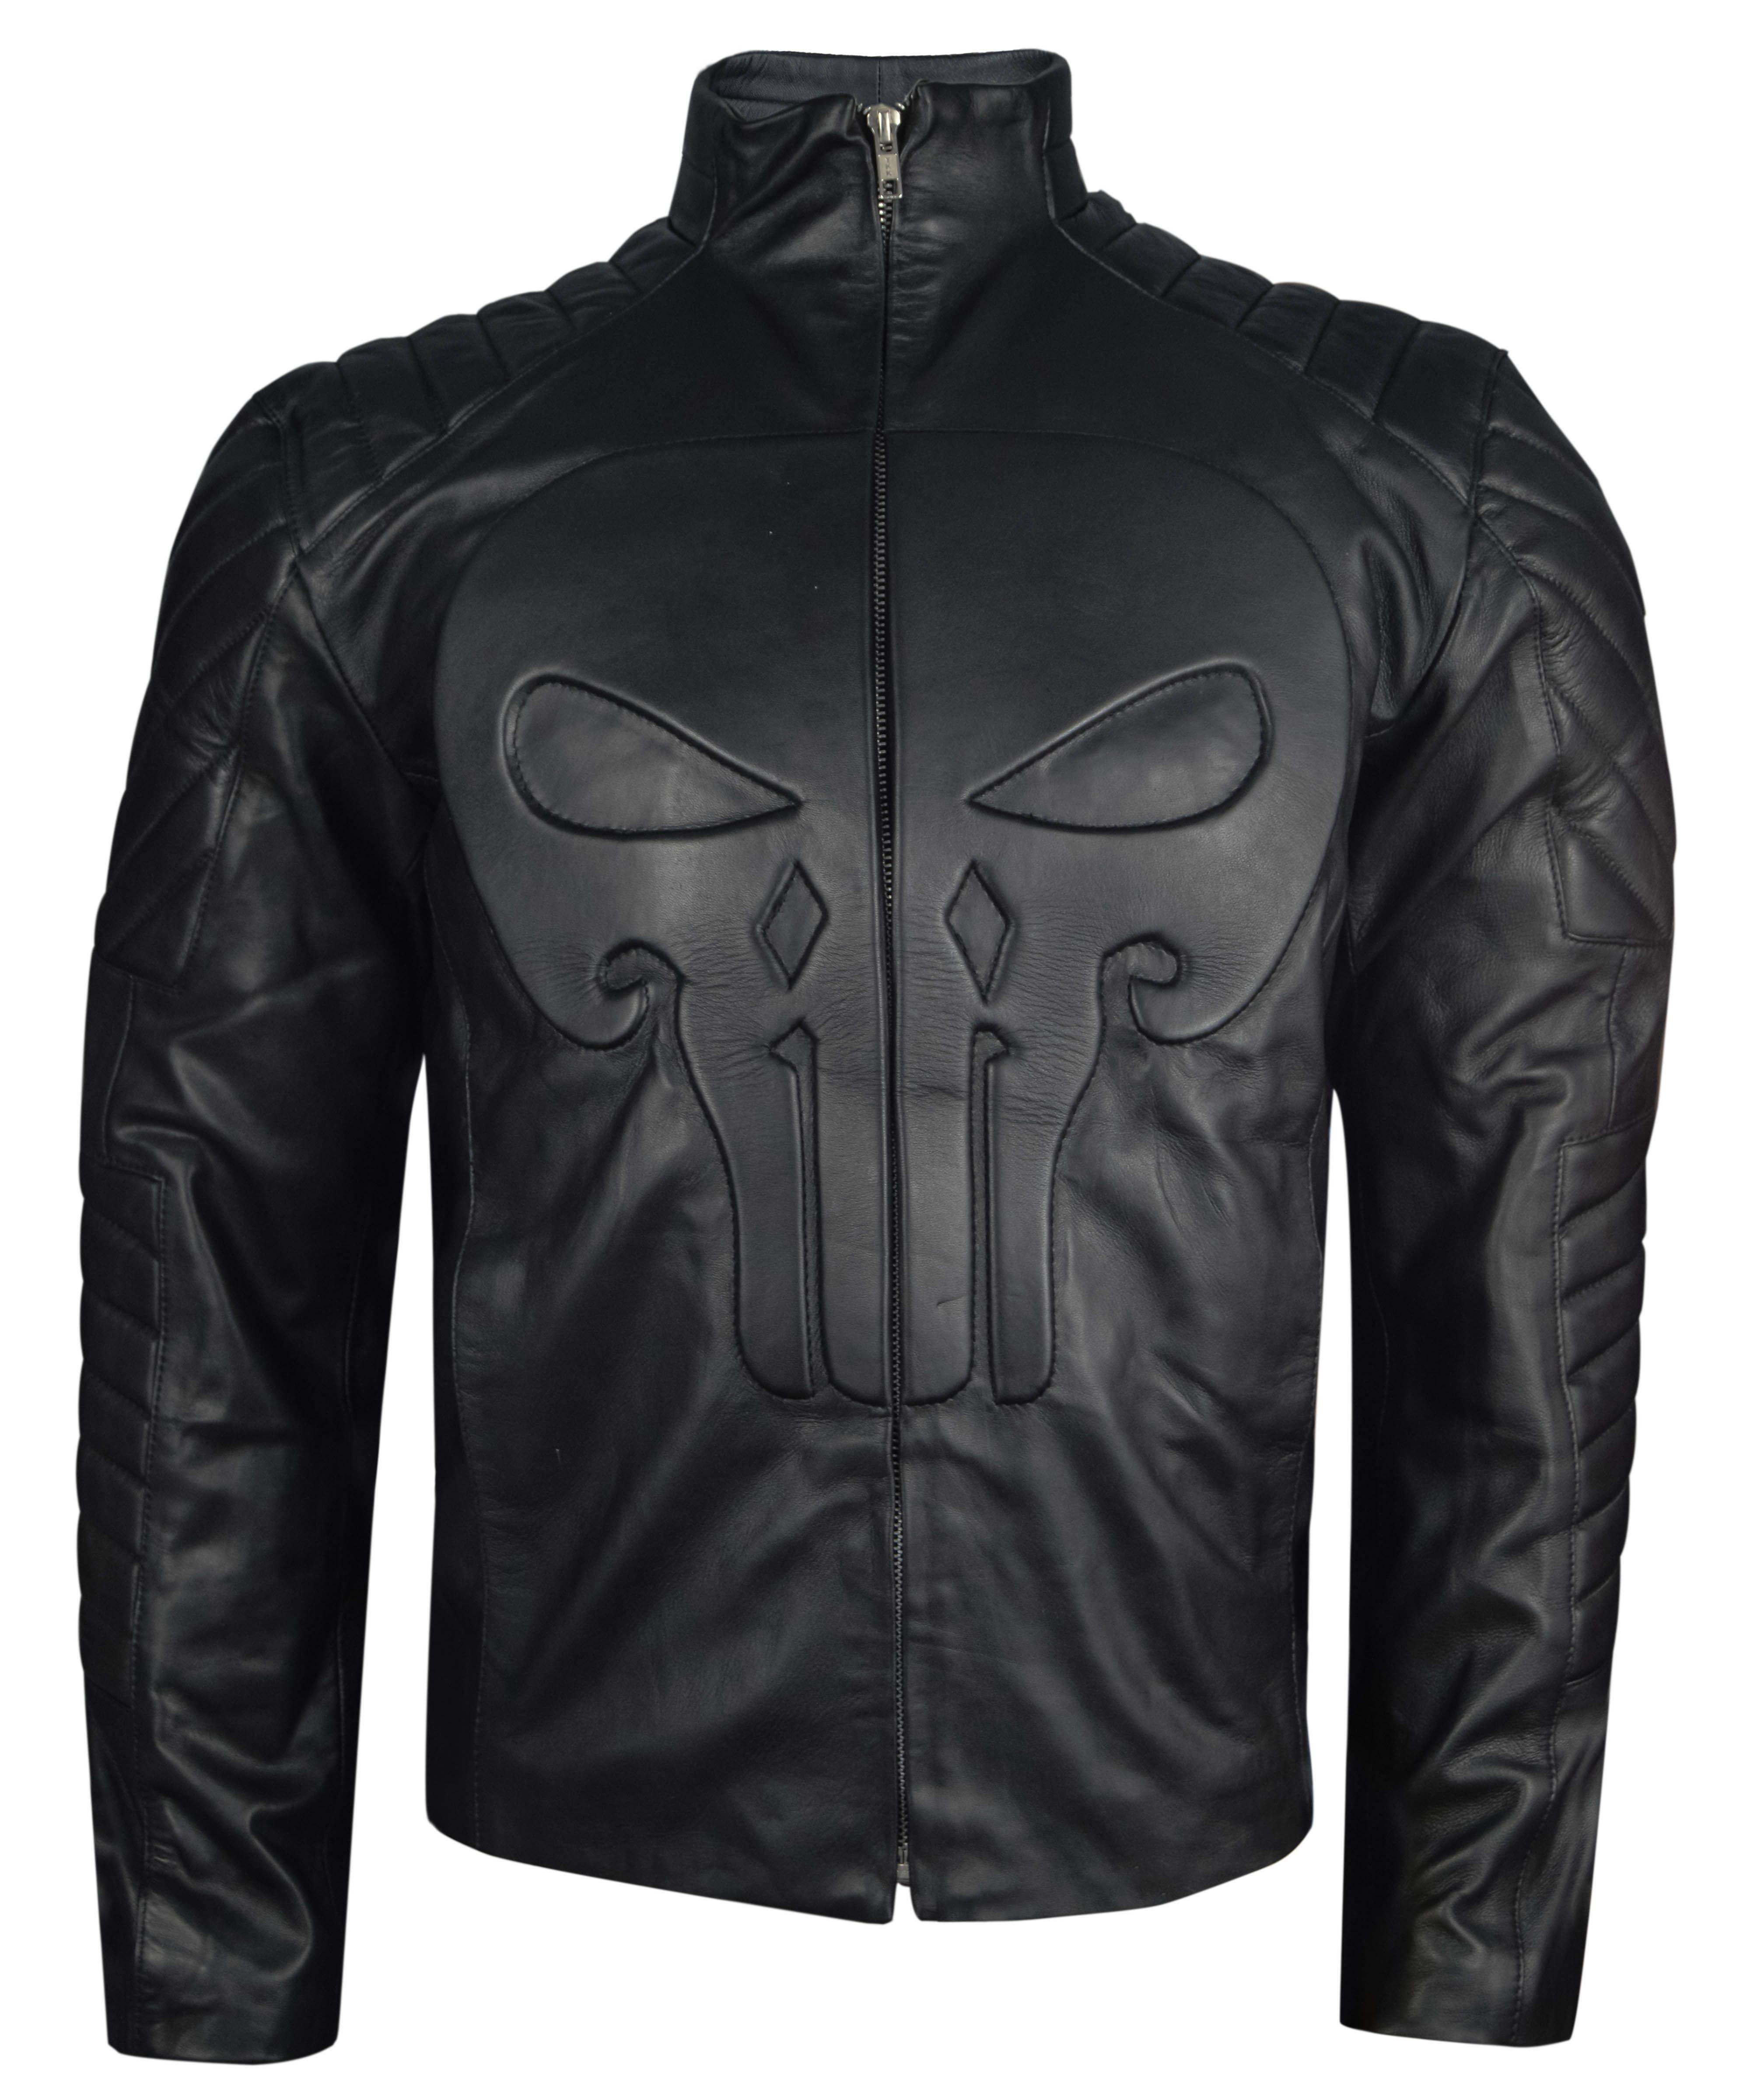 Punisher Frank Castle Thomas Jane Black Leather Skull Jacket All Sizes Ebay Leather Jacket Brown Leather Jacket Men Leather Jacket Men [ 4800 x 4000 Pixel ]